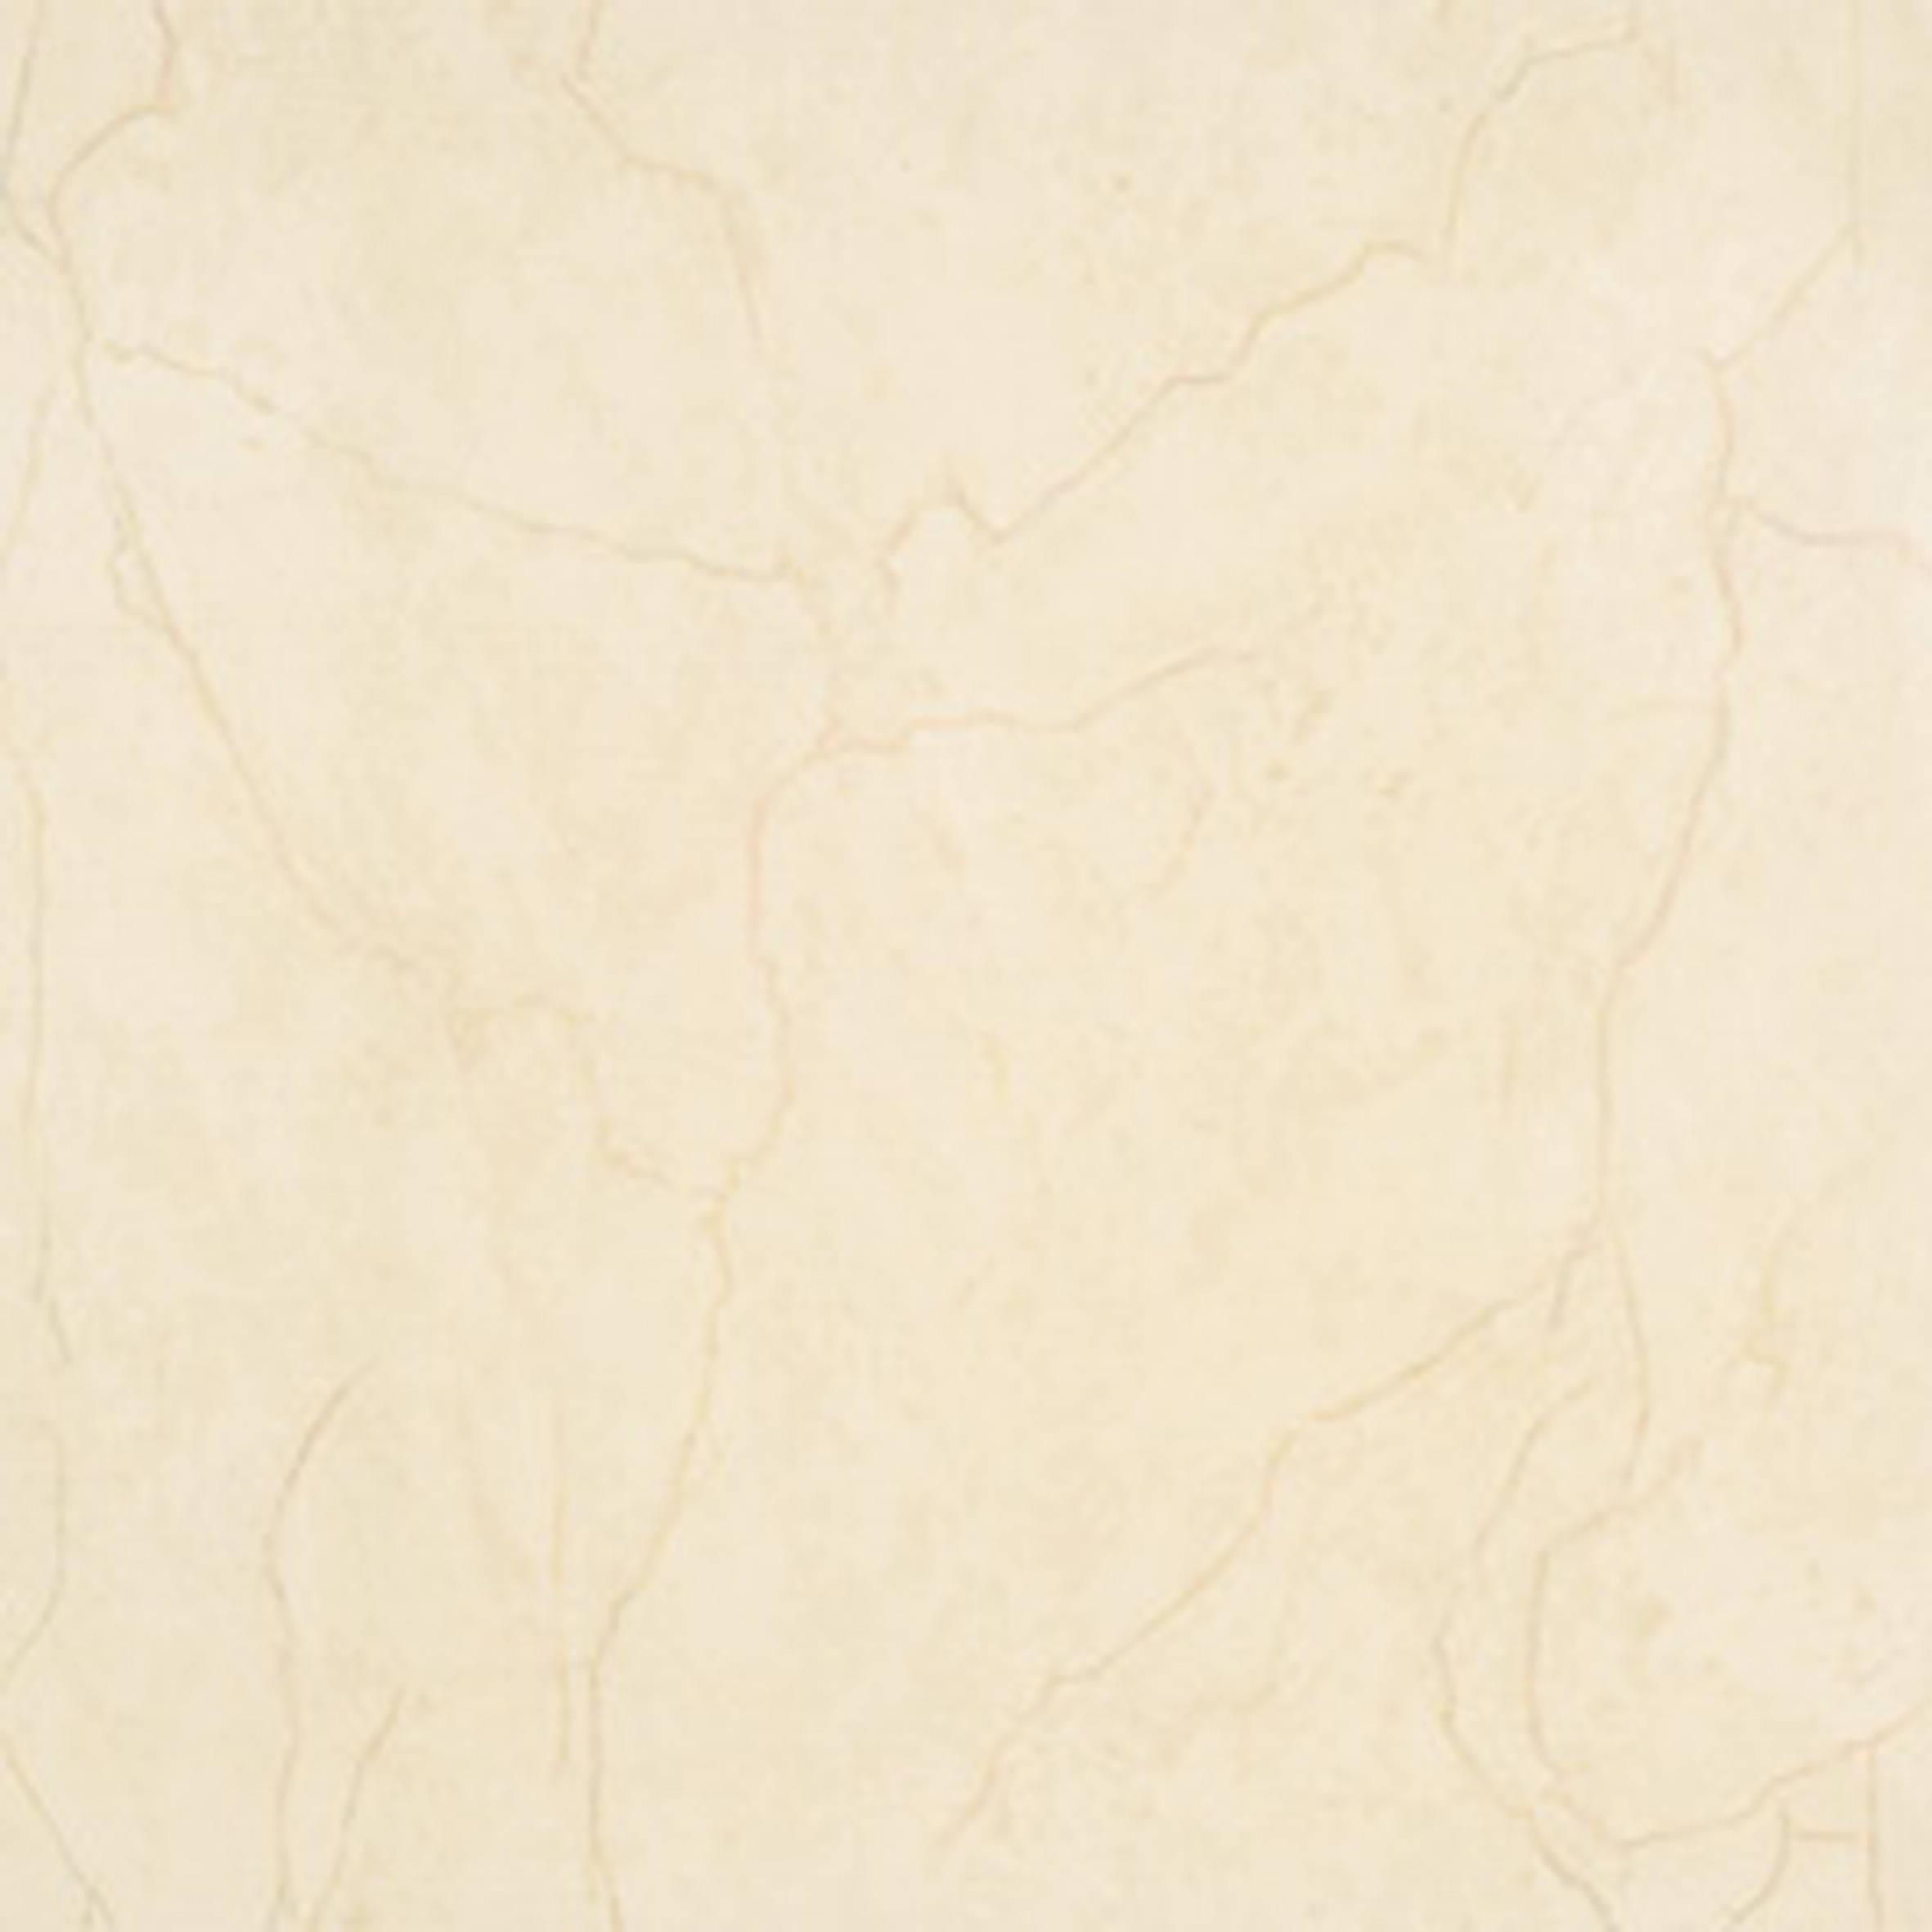 莎安娜-天然大理石|陕西西安创一石材